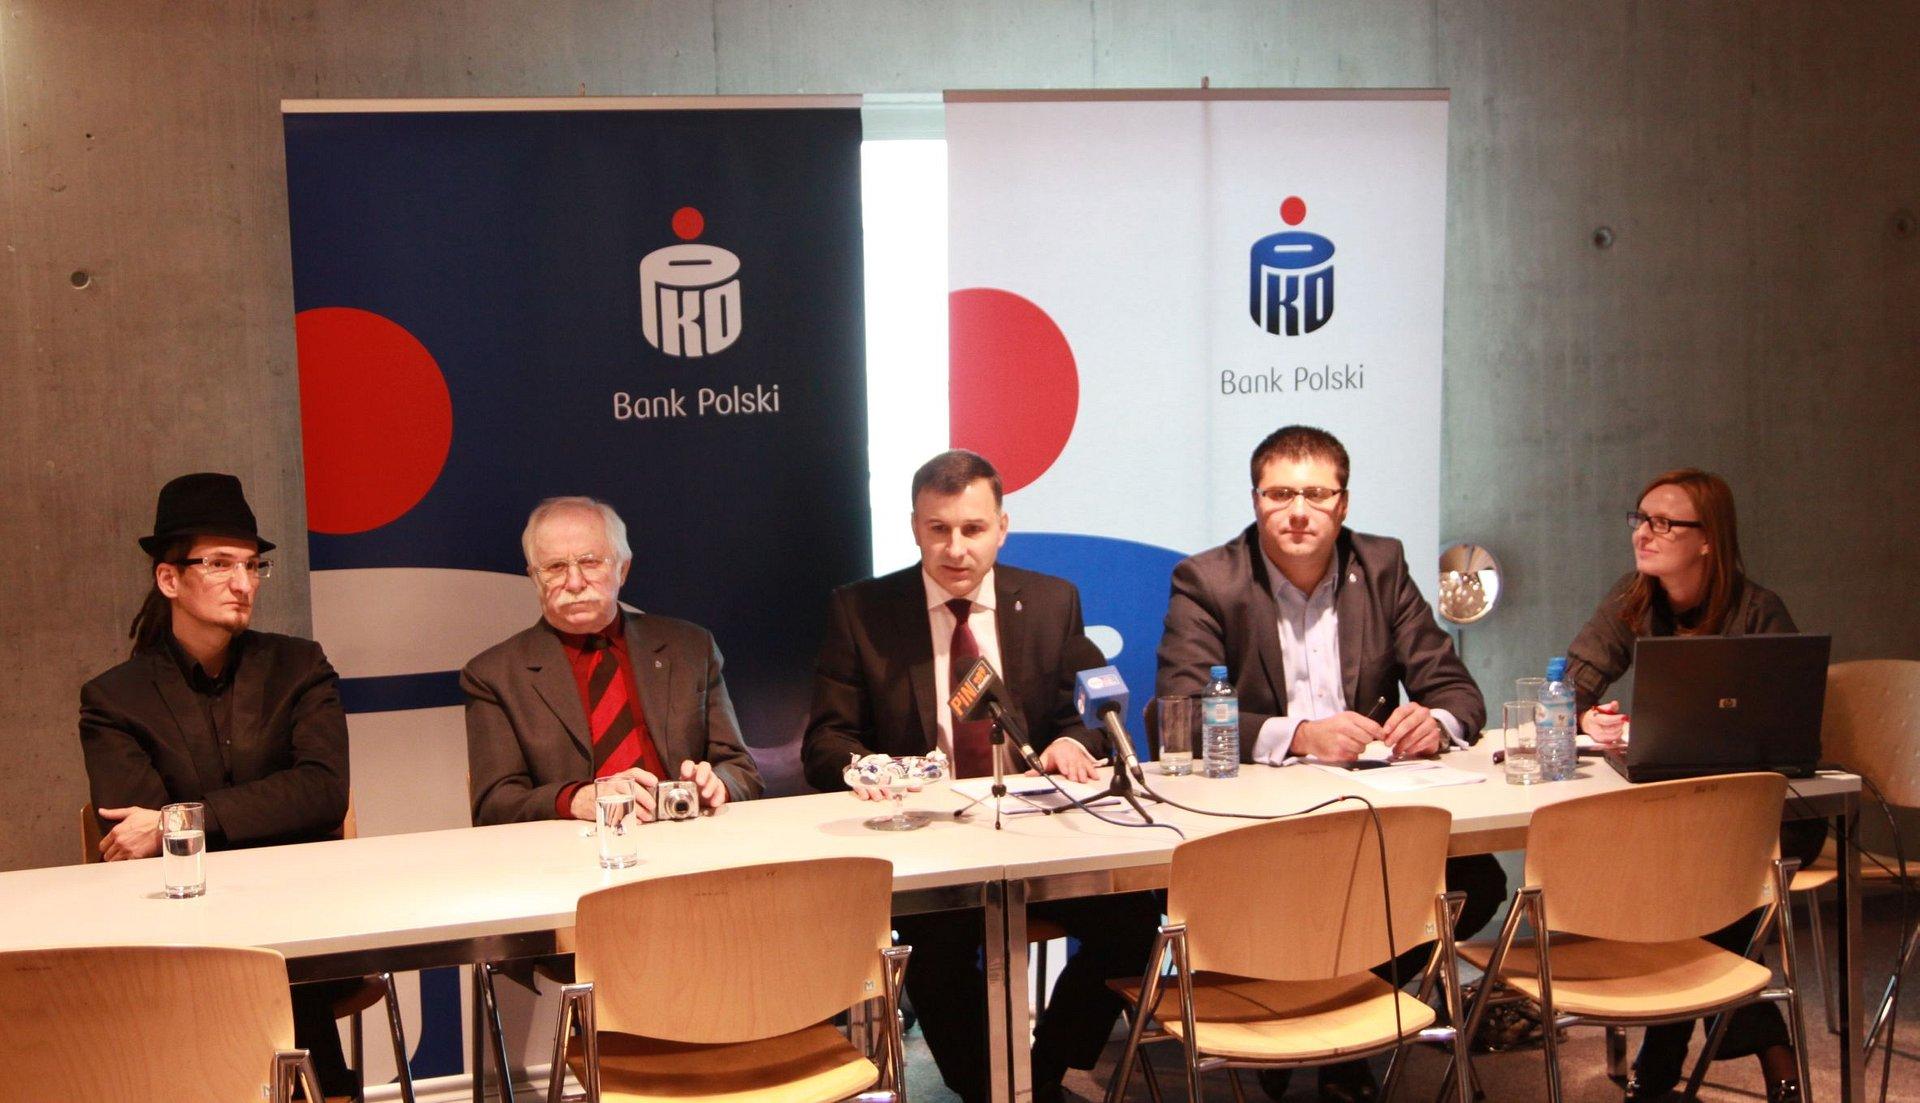 PKO Bank Polski modernizuje swój wizerunek